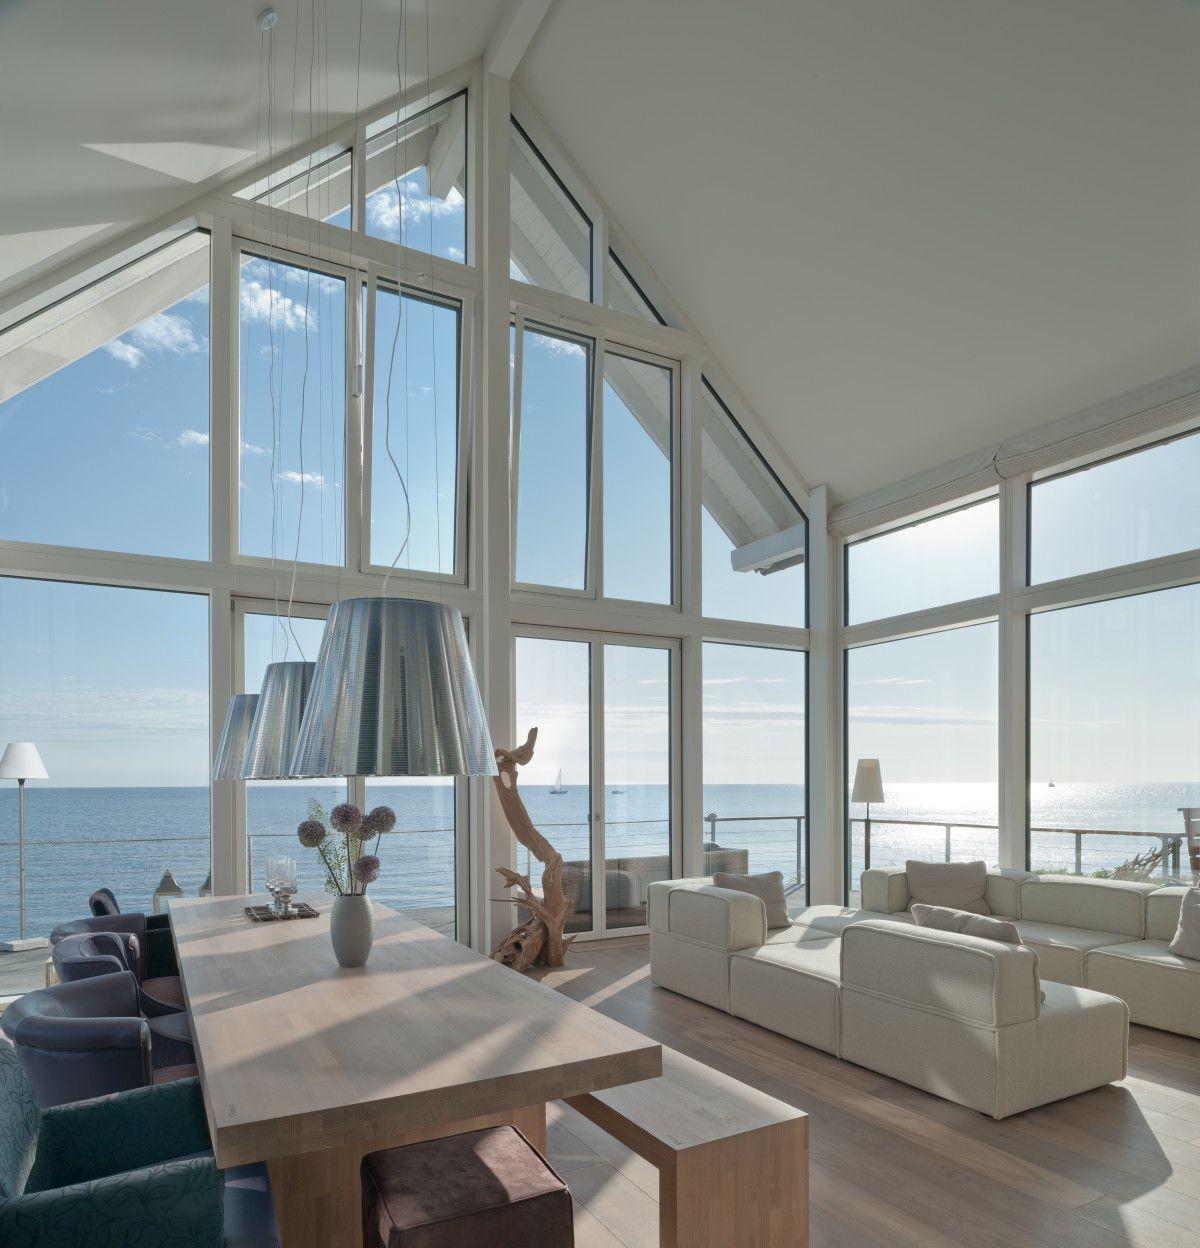 Wohnzimmer Loft mit Meerblick  Maritime Innenarchitektur Haus